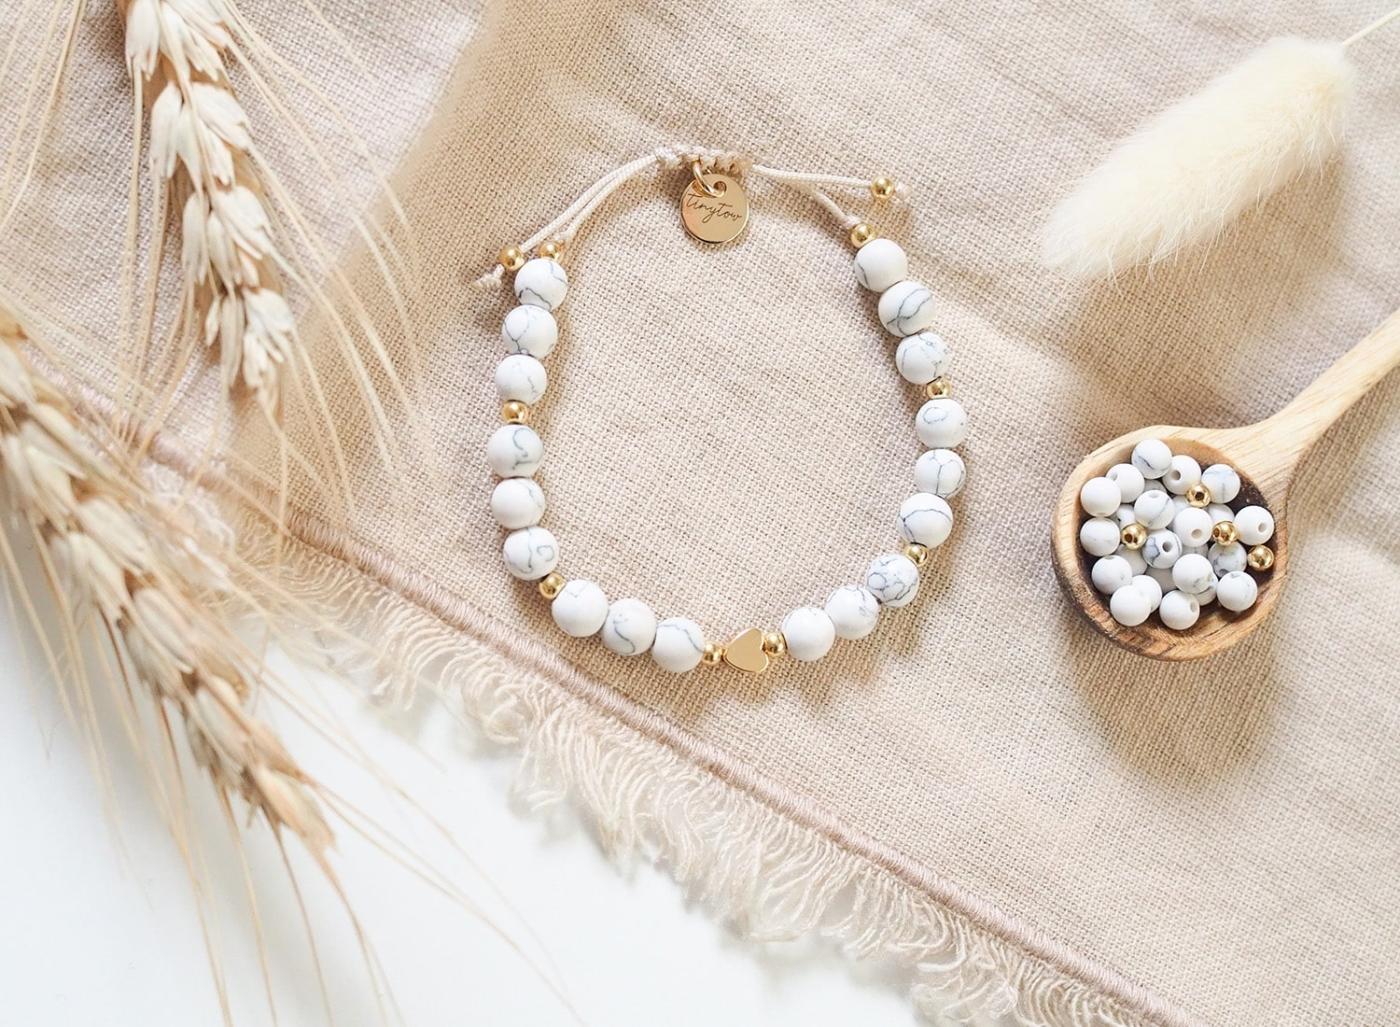 Handgemachtes Armband aus marmorierten, matten Natursteinperlen und goldenen Perlen mit 14K Gold.